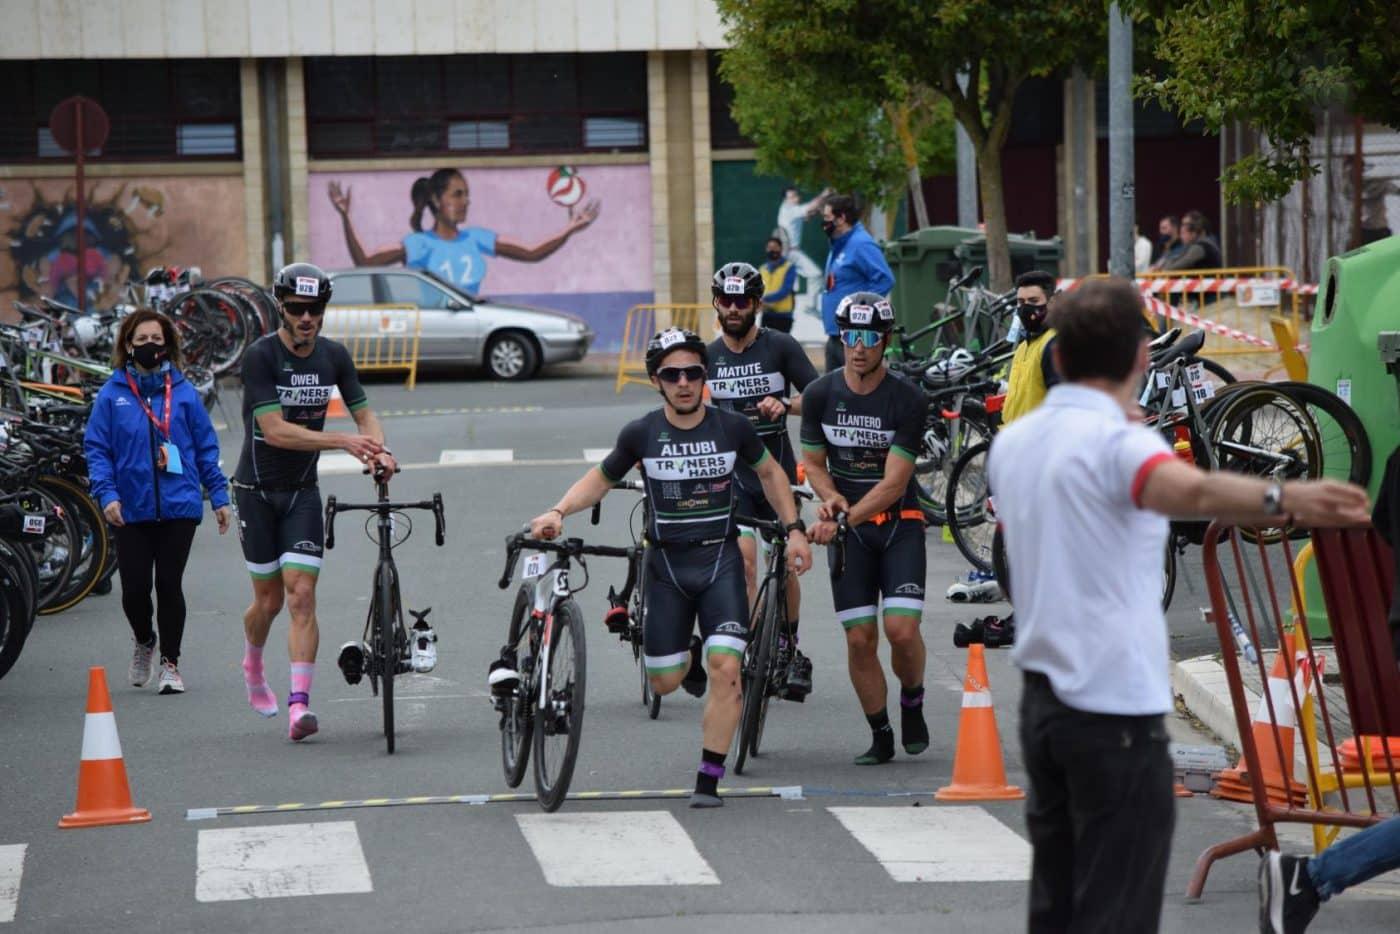 FOTOS: Tritones y Cafés Foronda se imponen en el I Duatlón de Haro 35